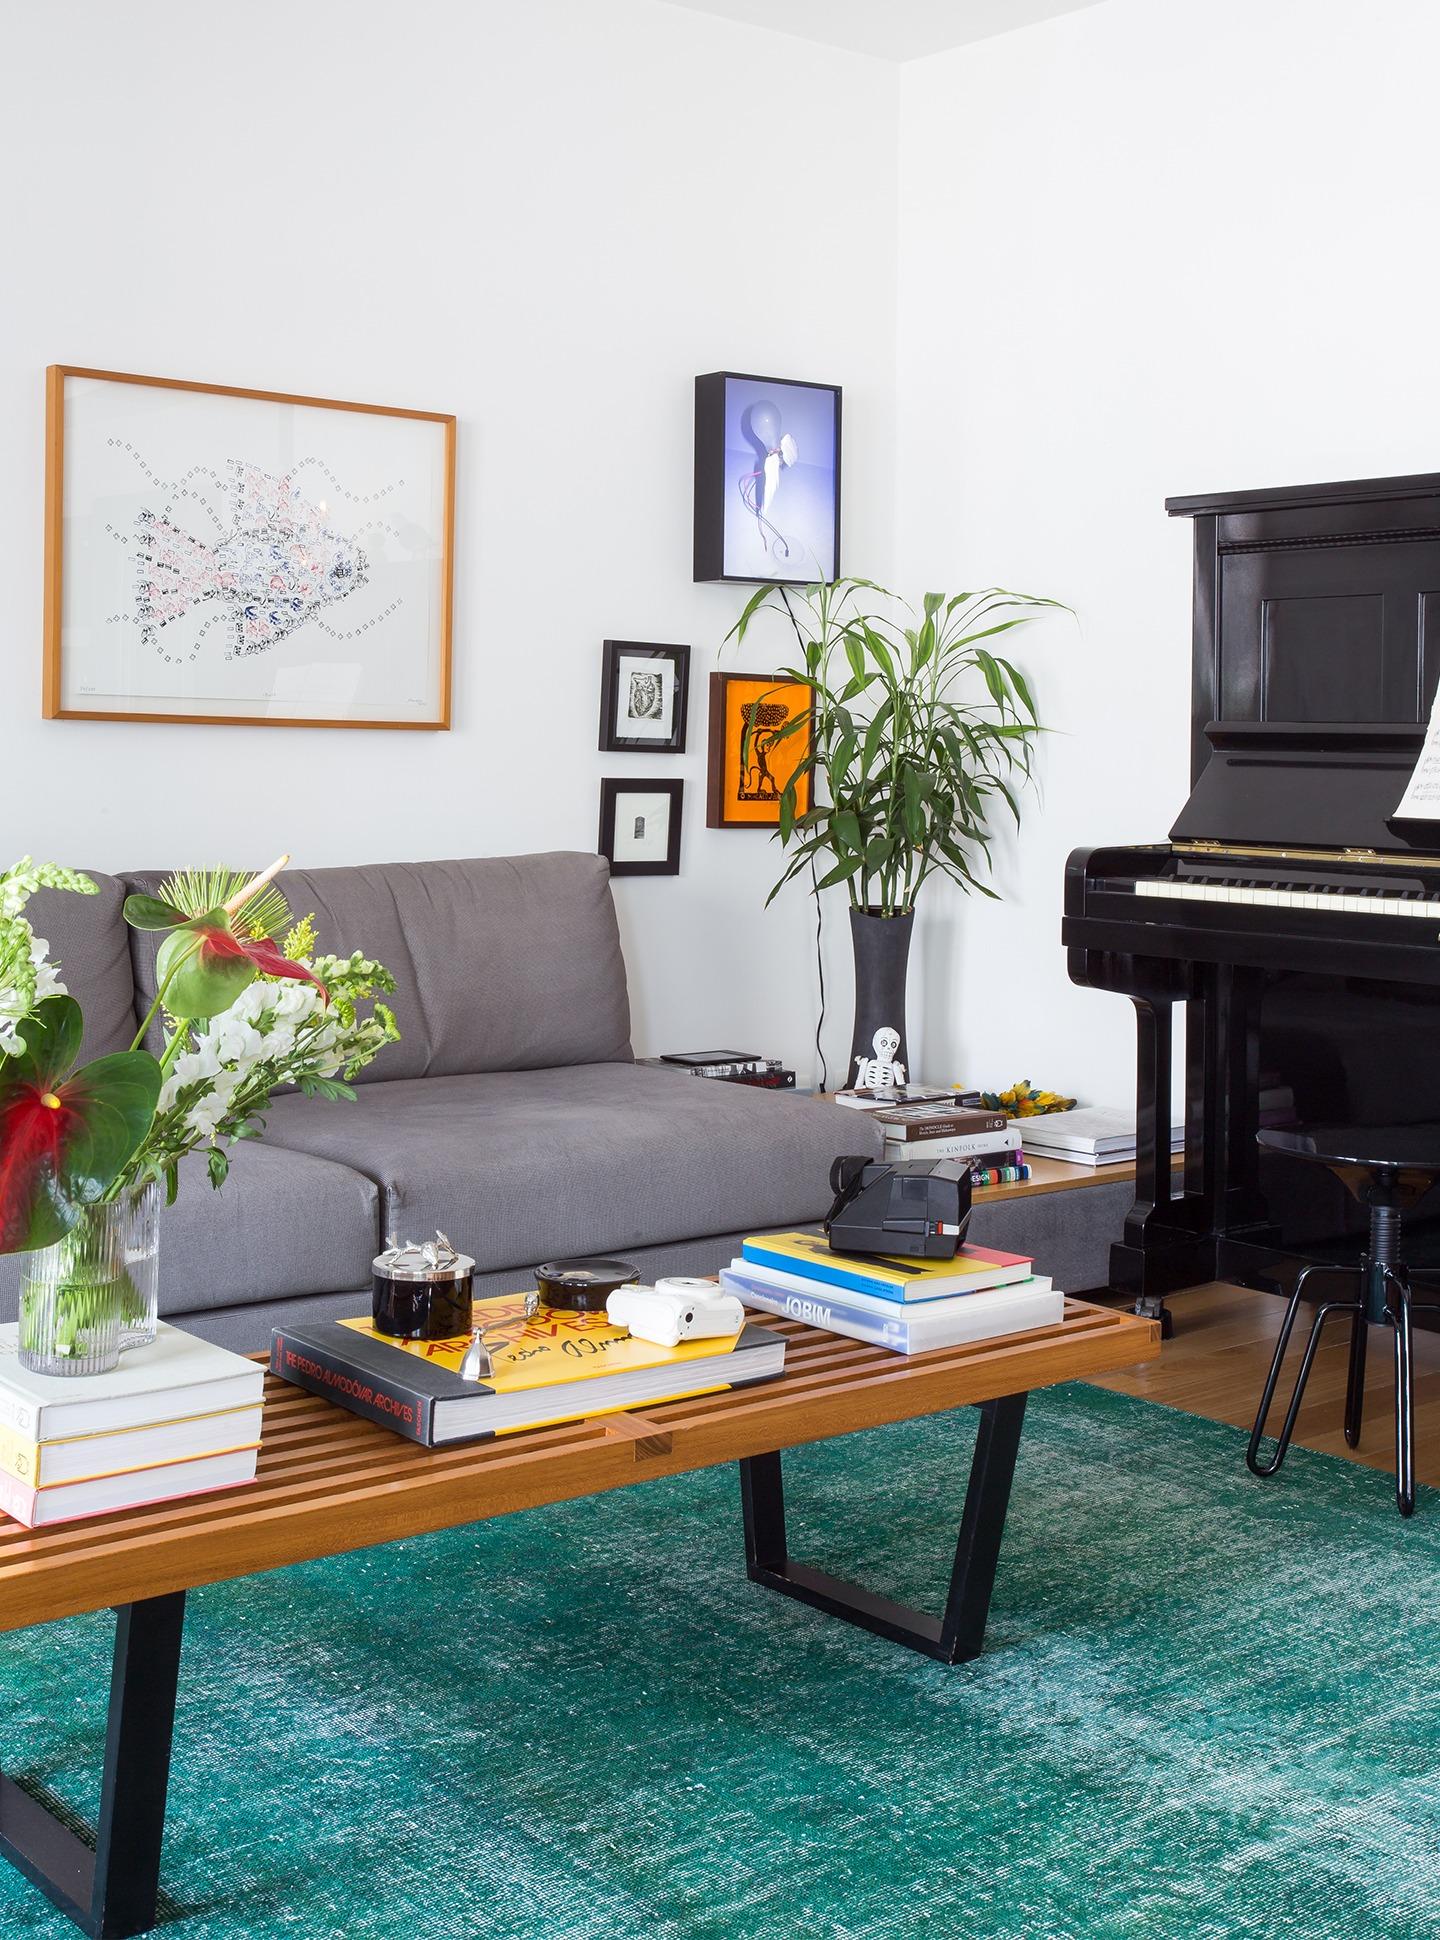 felipe-del-moro-decoração-10-sala-com-piano-e-tapete-azul